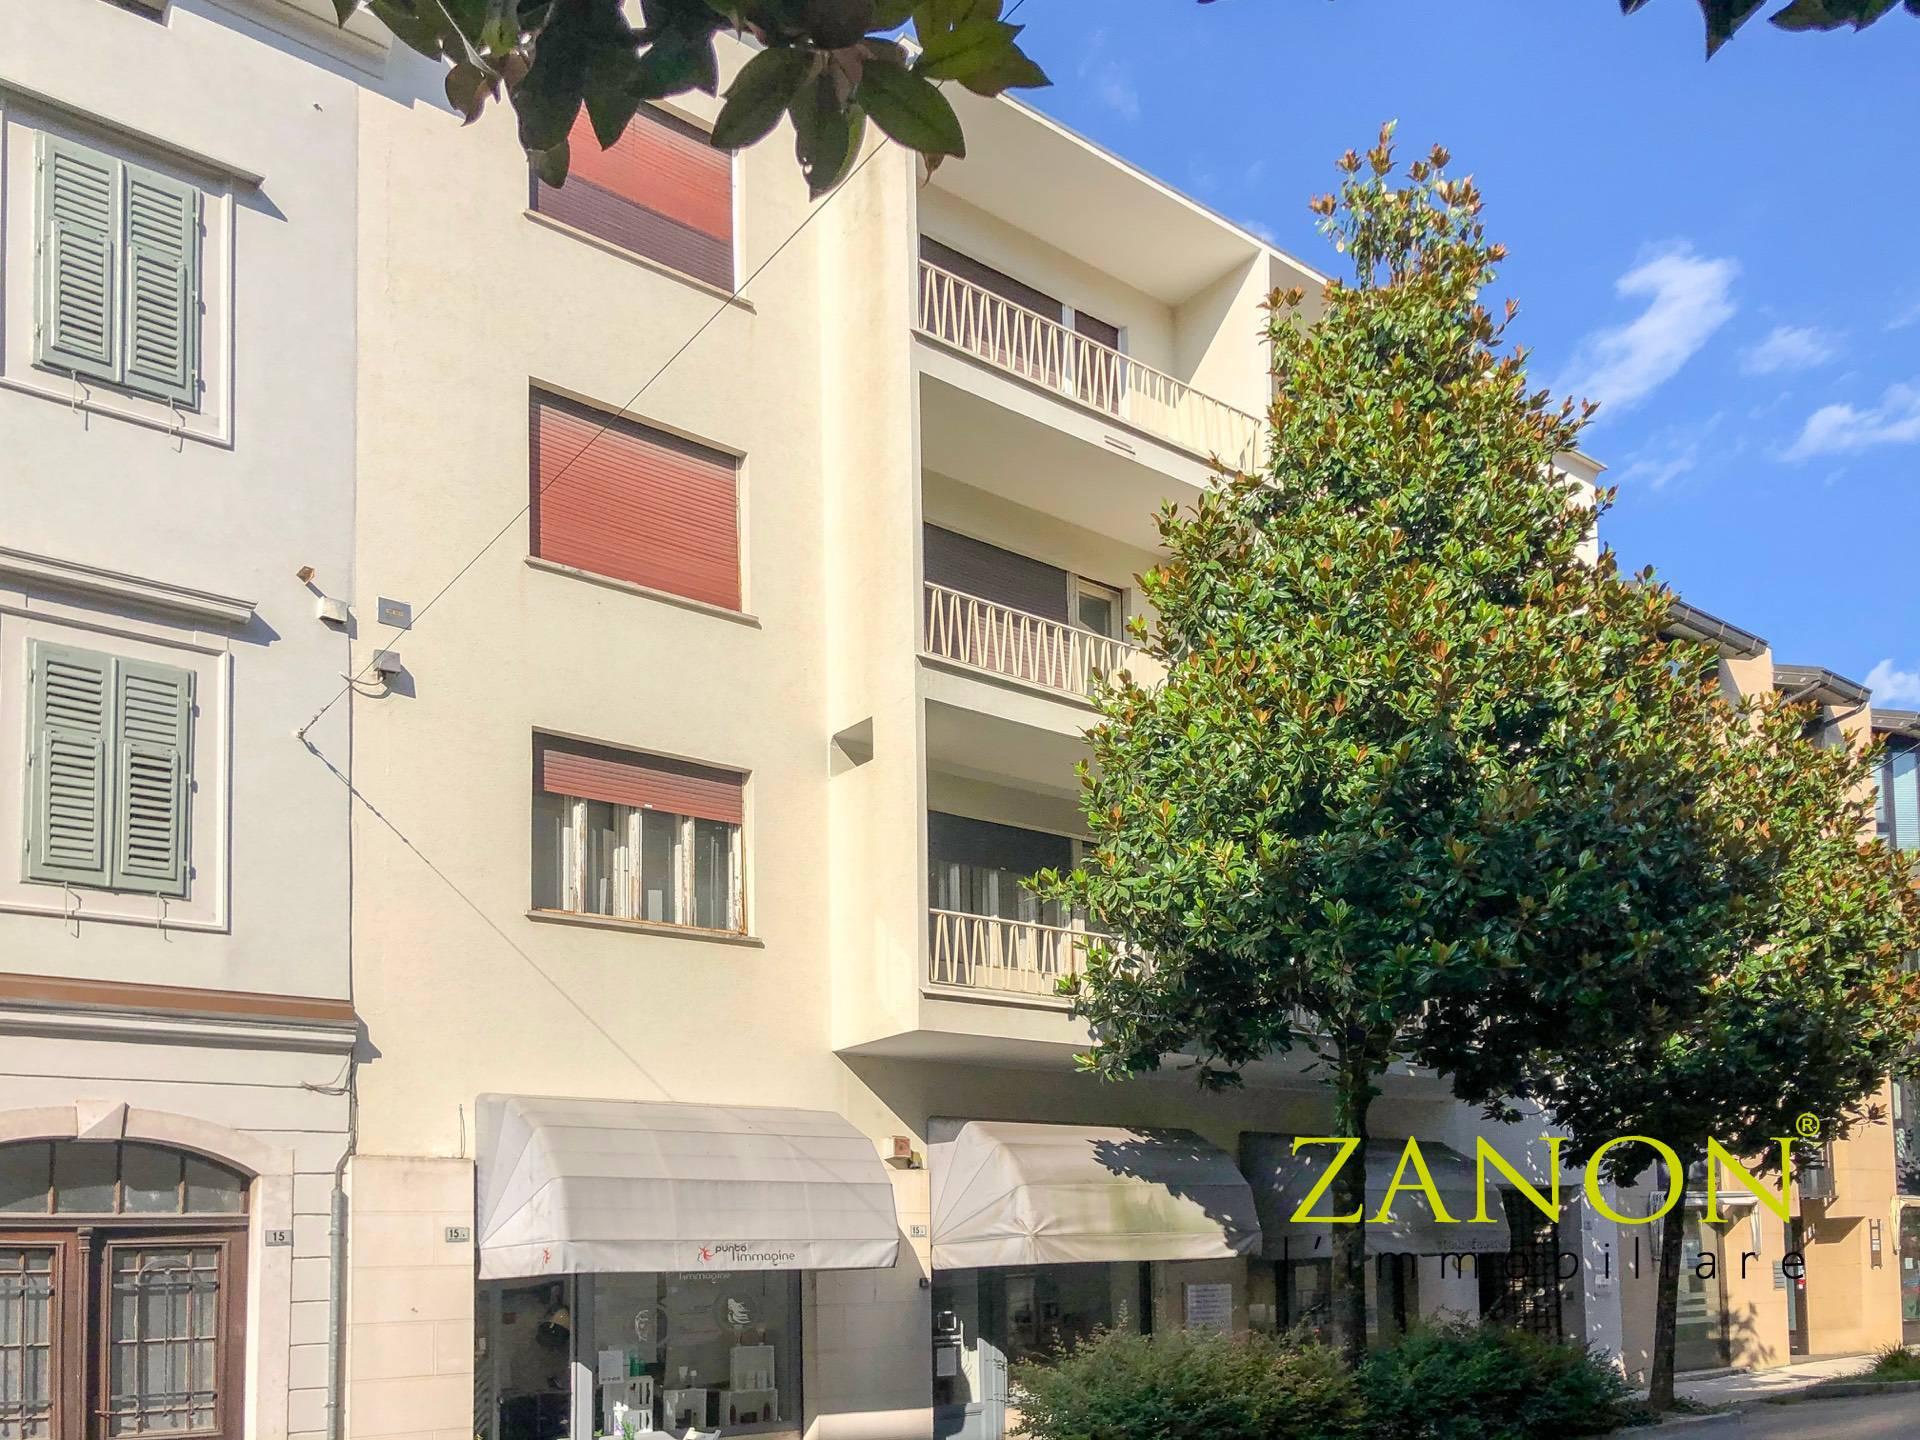 Appartamento in vendita a Gorizia, 7 locali, zona Località: CentraleCorsi, prezzo € 190.000   PortaleAgenzieImmobiliari.it